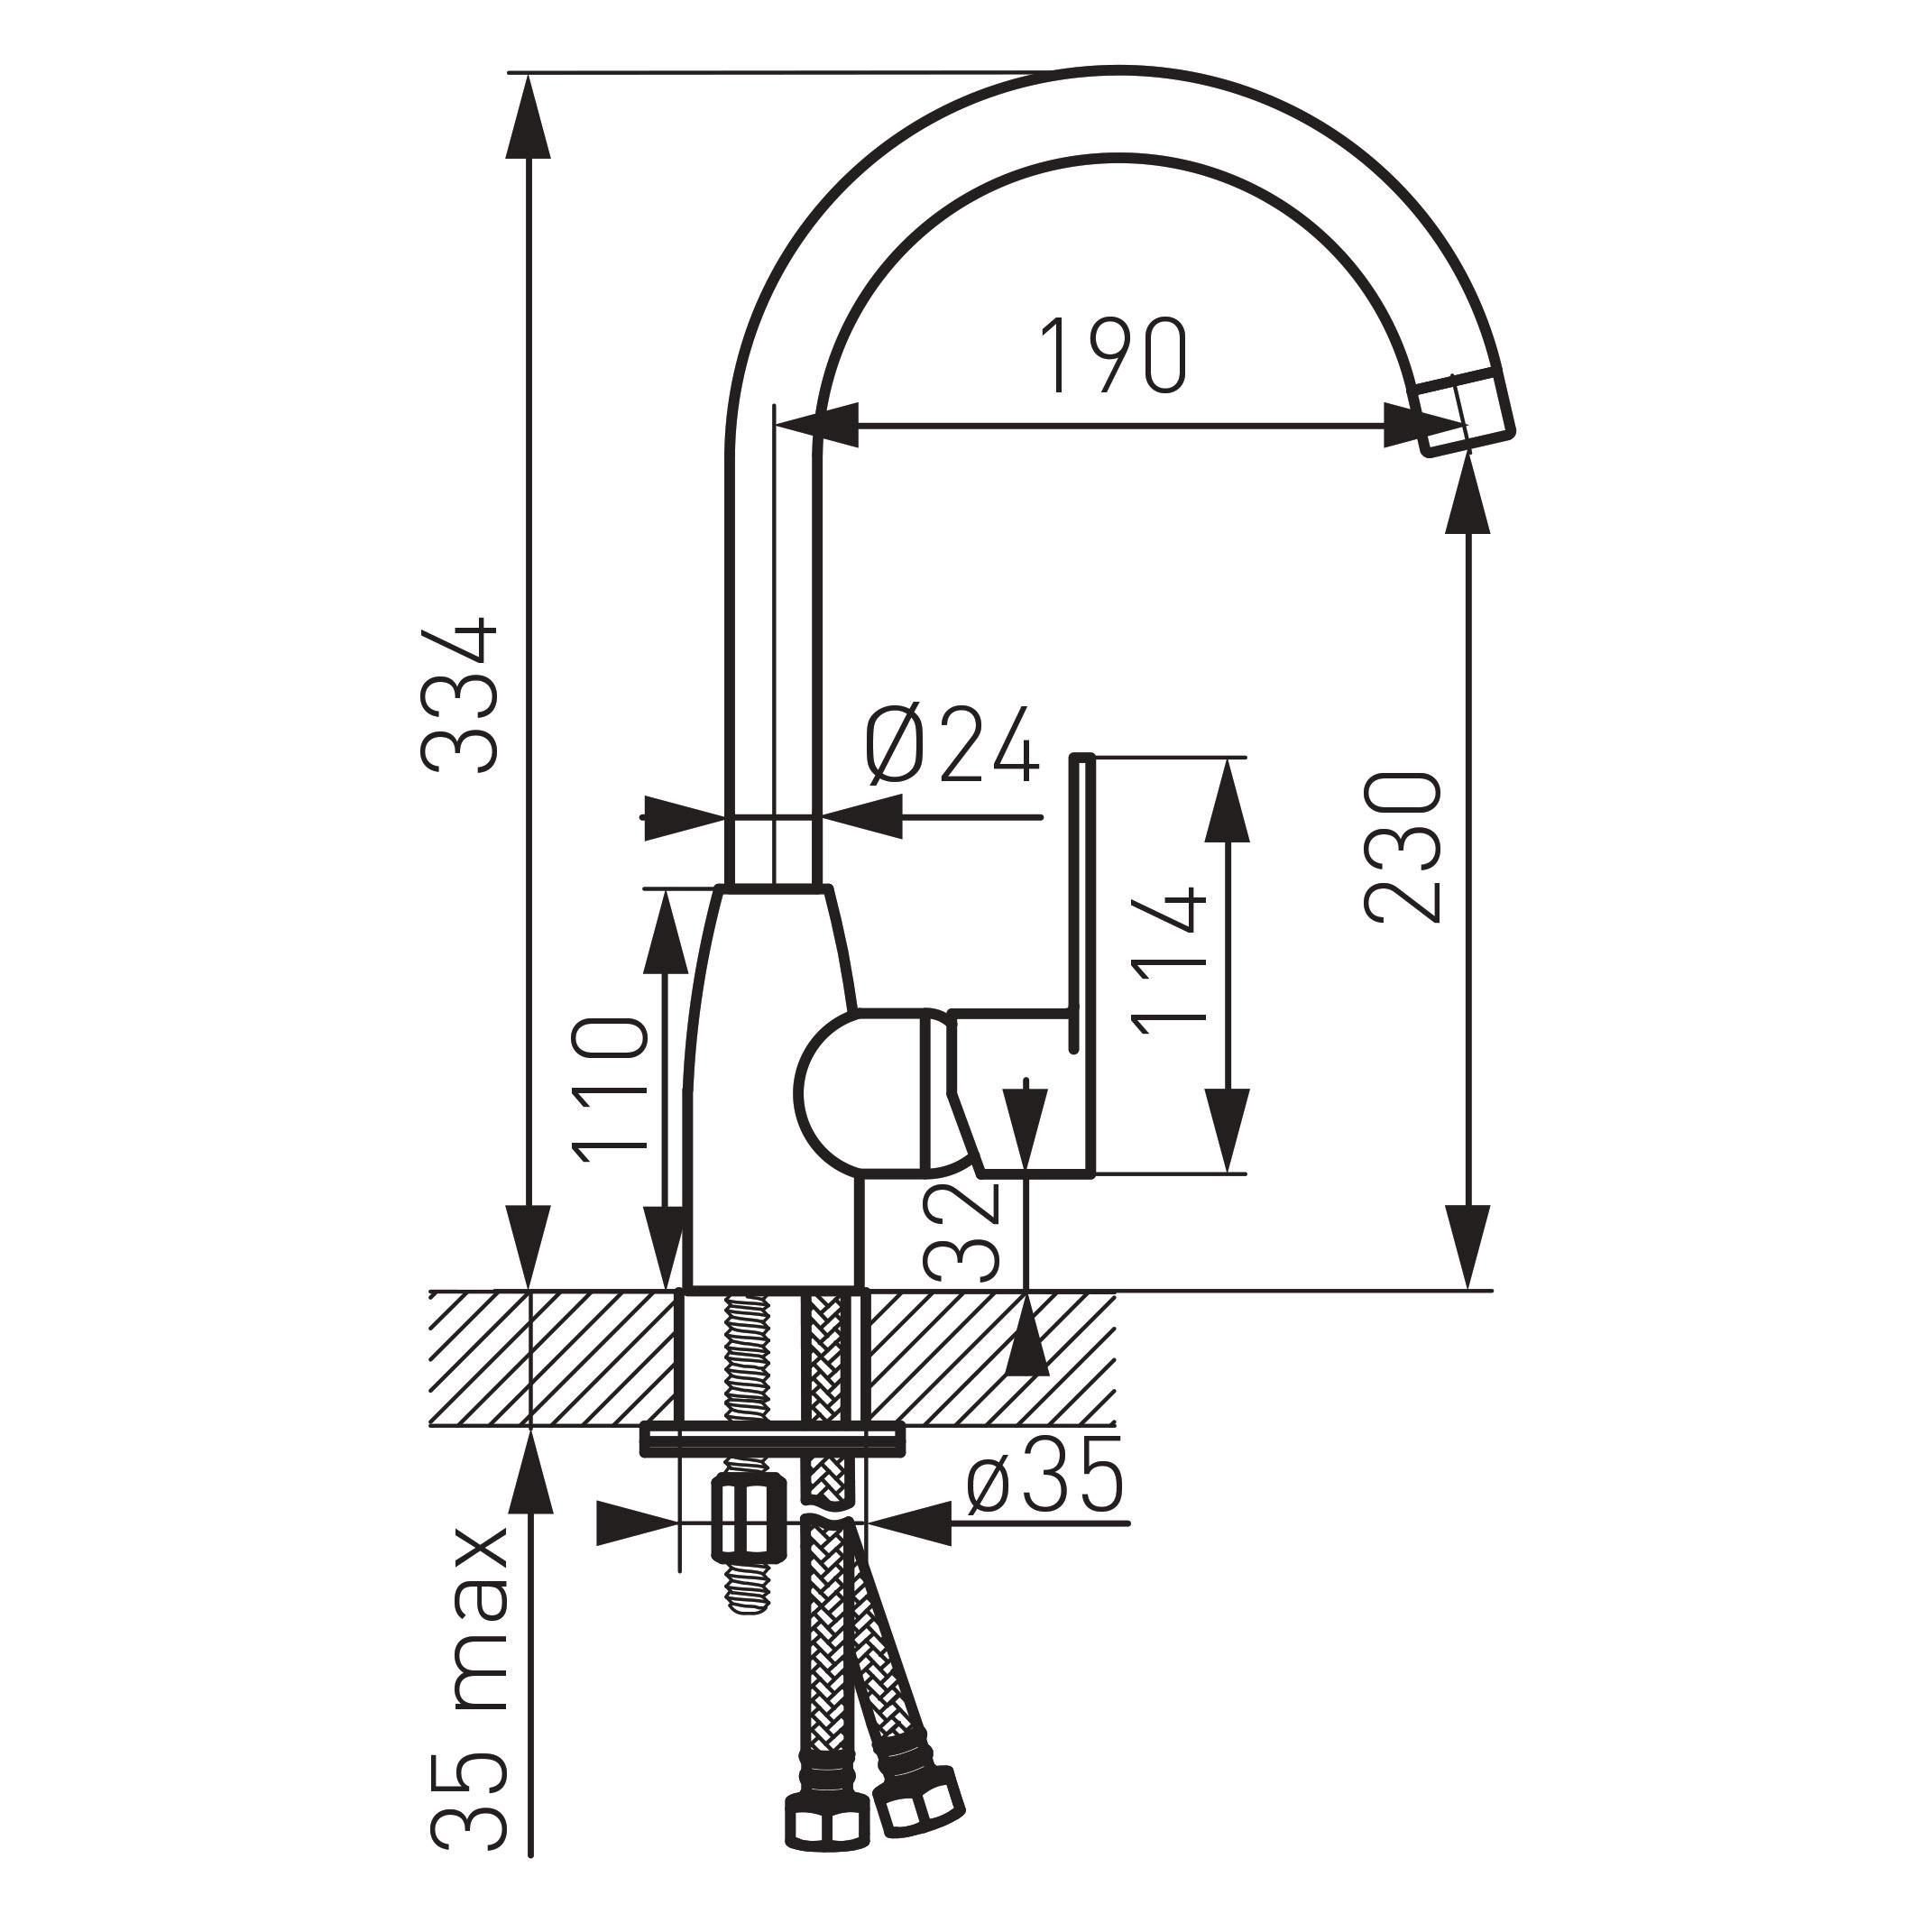 Ferro Algeo BAG4 Íves mosogató csaptelep elforgatható kifolyócsővel műszaki adatlap